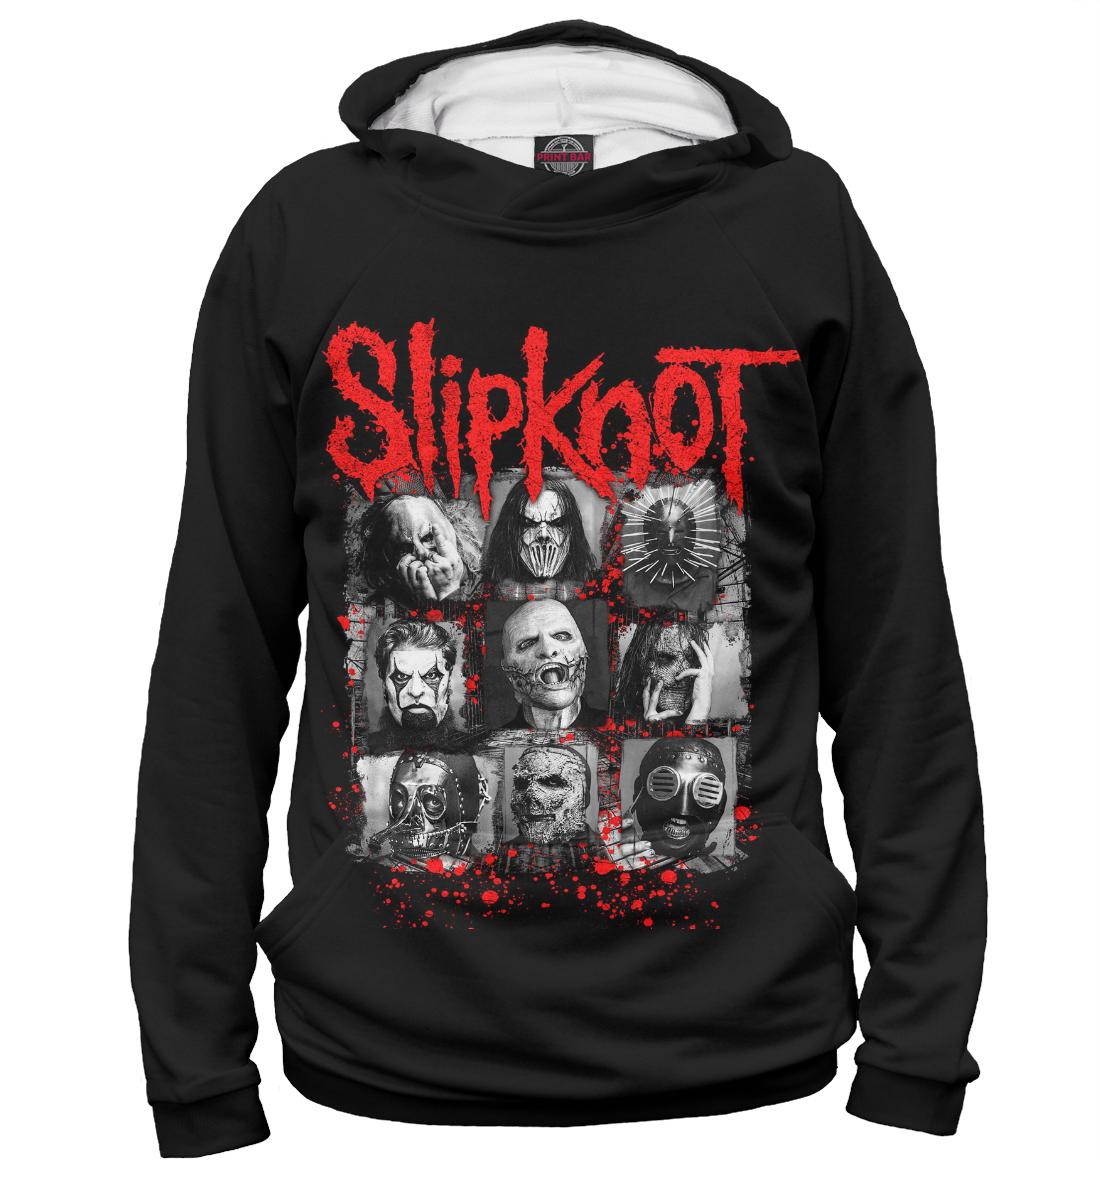 Купить Slipknot, Printbar, Худи, SLI-900730-hud-2